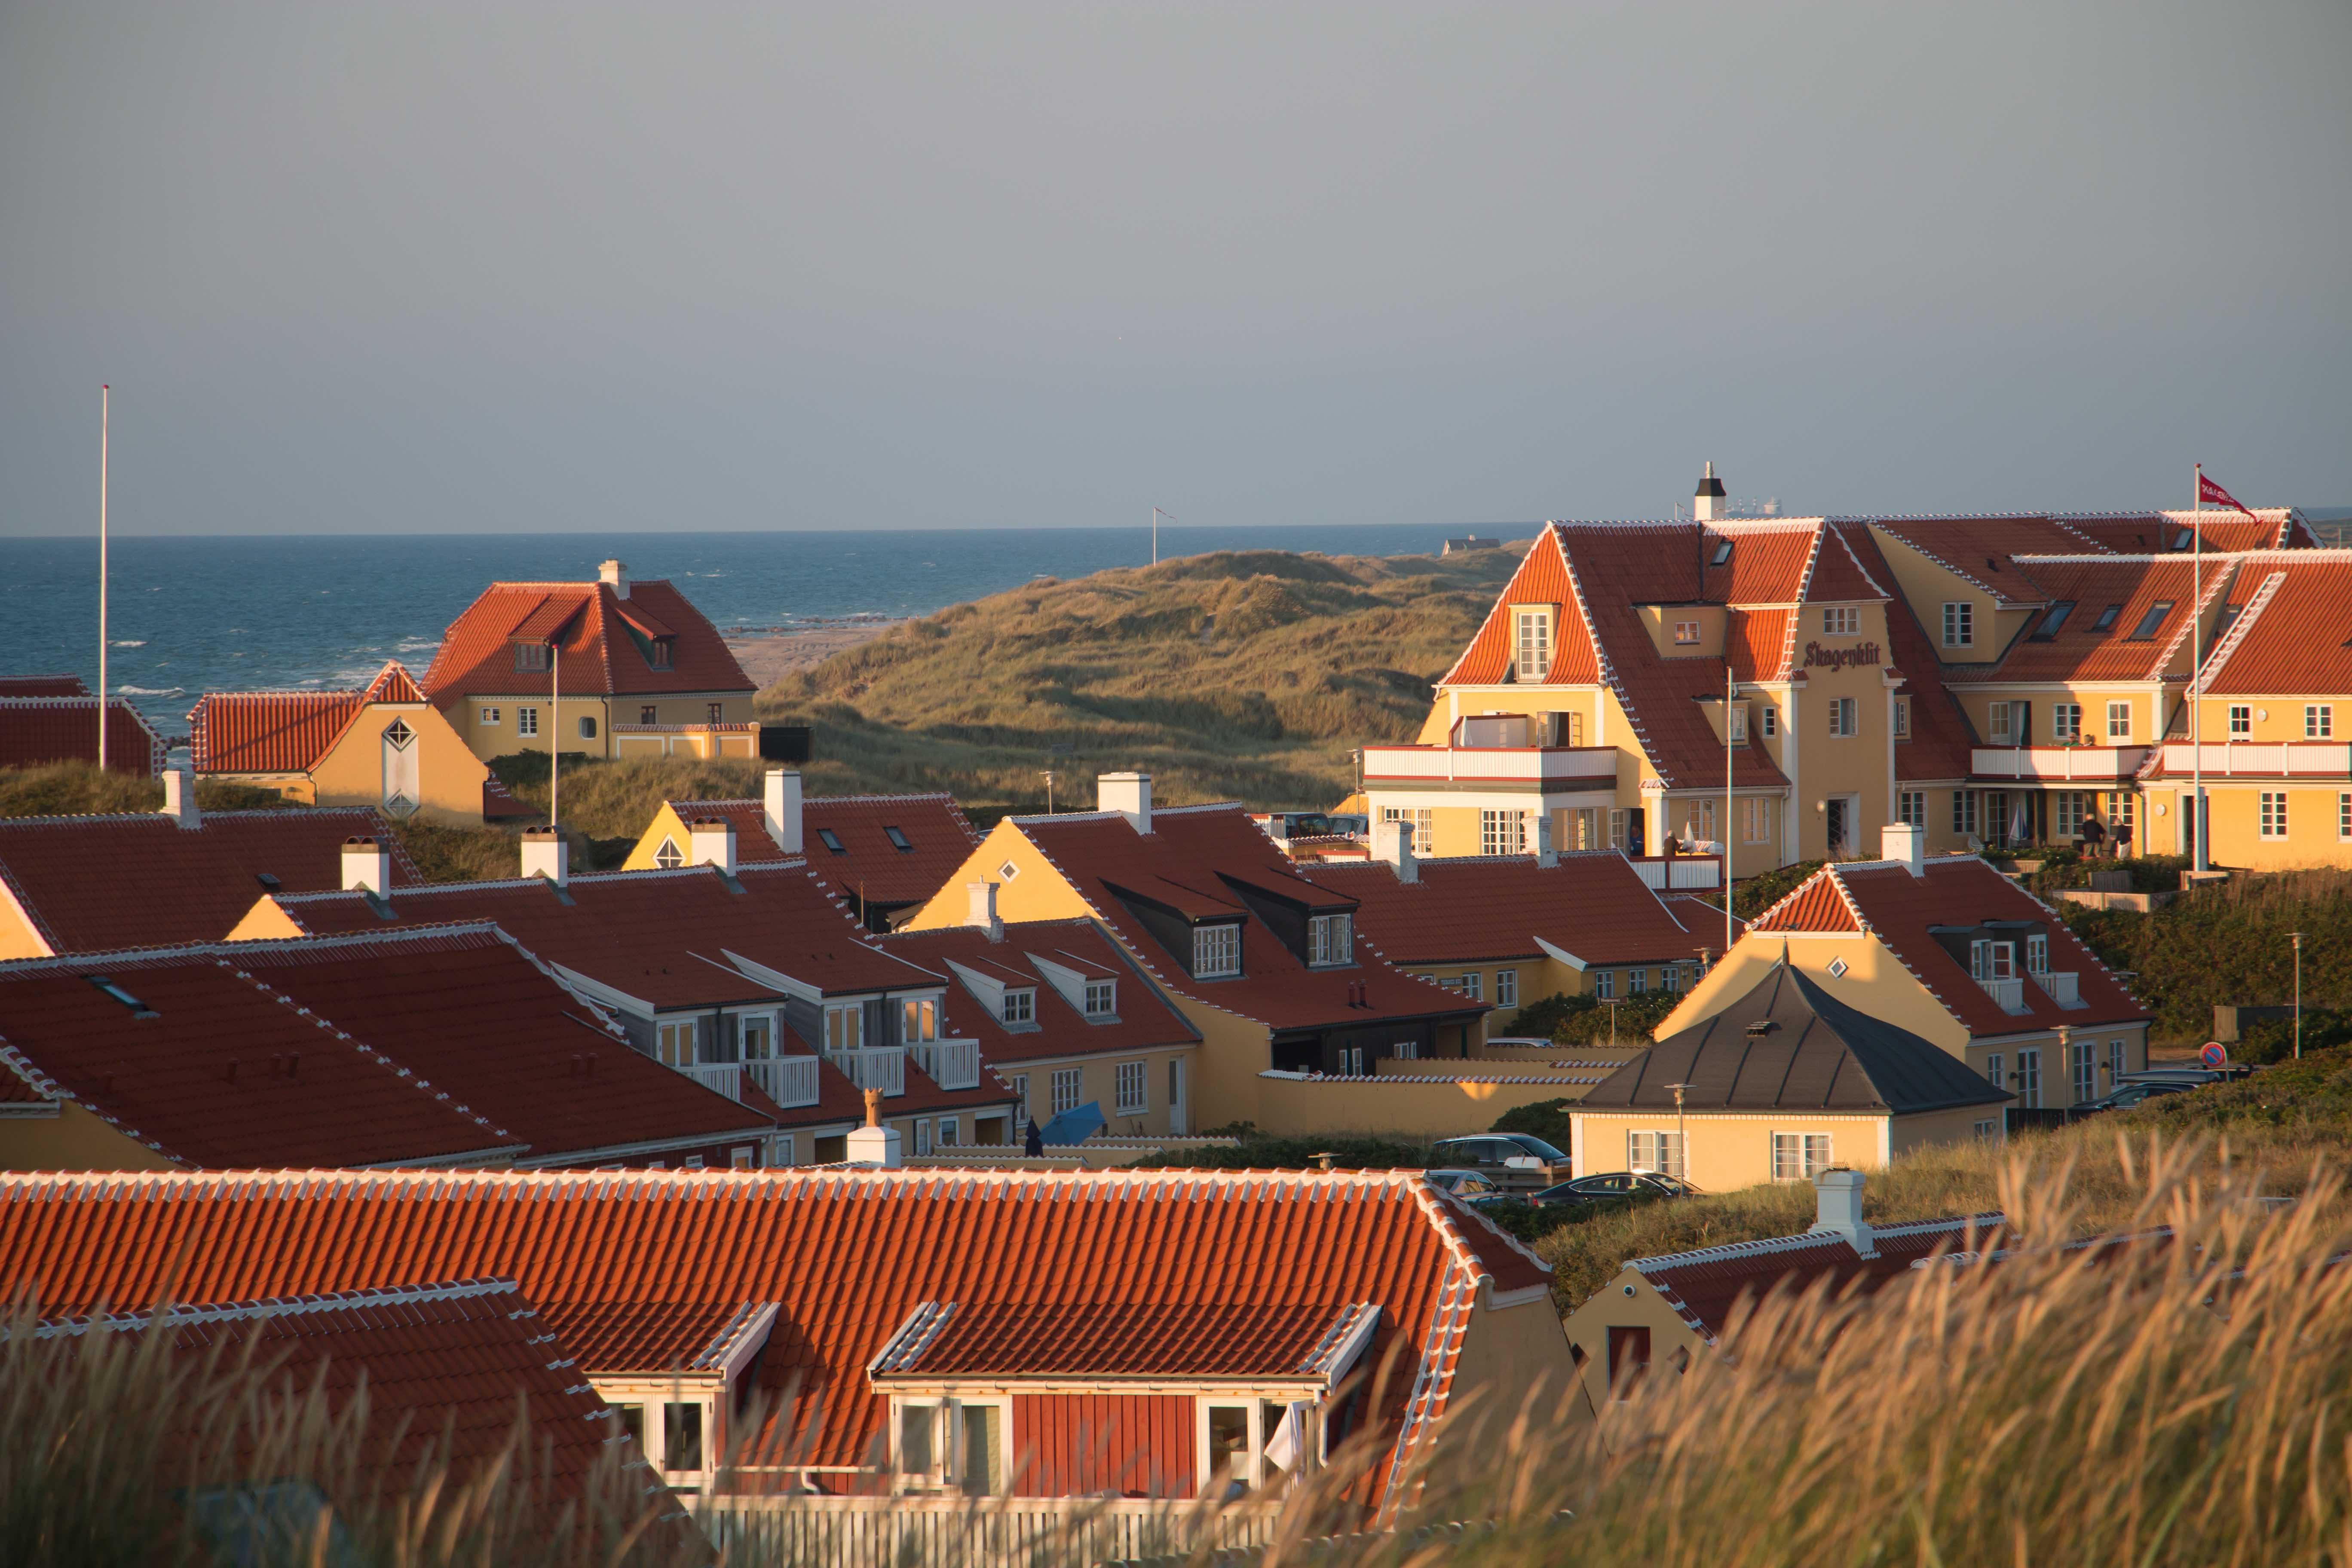 Sammenslutningen af turistkontorerne i Skagen, Frederikshavn og Sæby, samlet i Turisthus Nord, er et af Danske Destinationers nye medlemmer. Foto: Danske Destinationer.